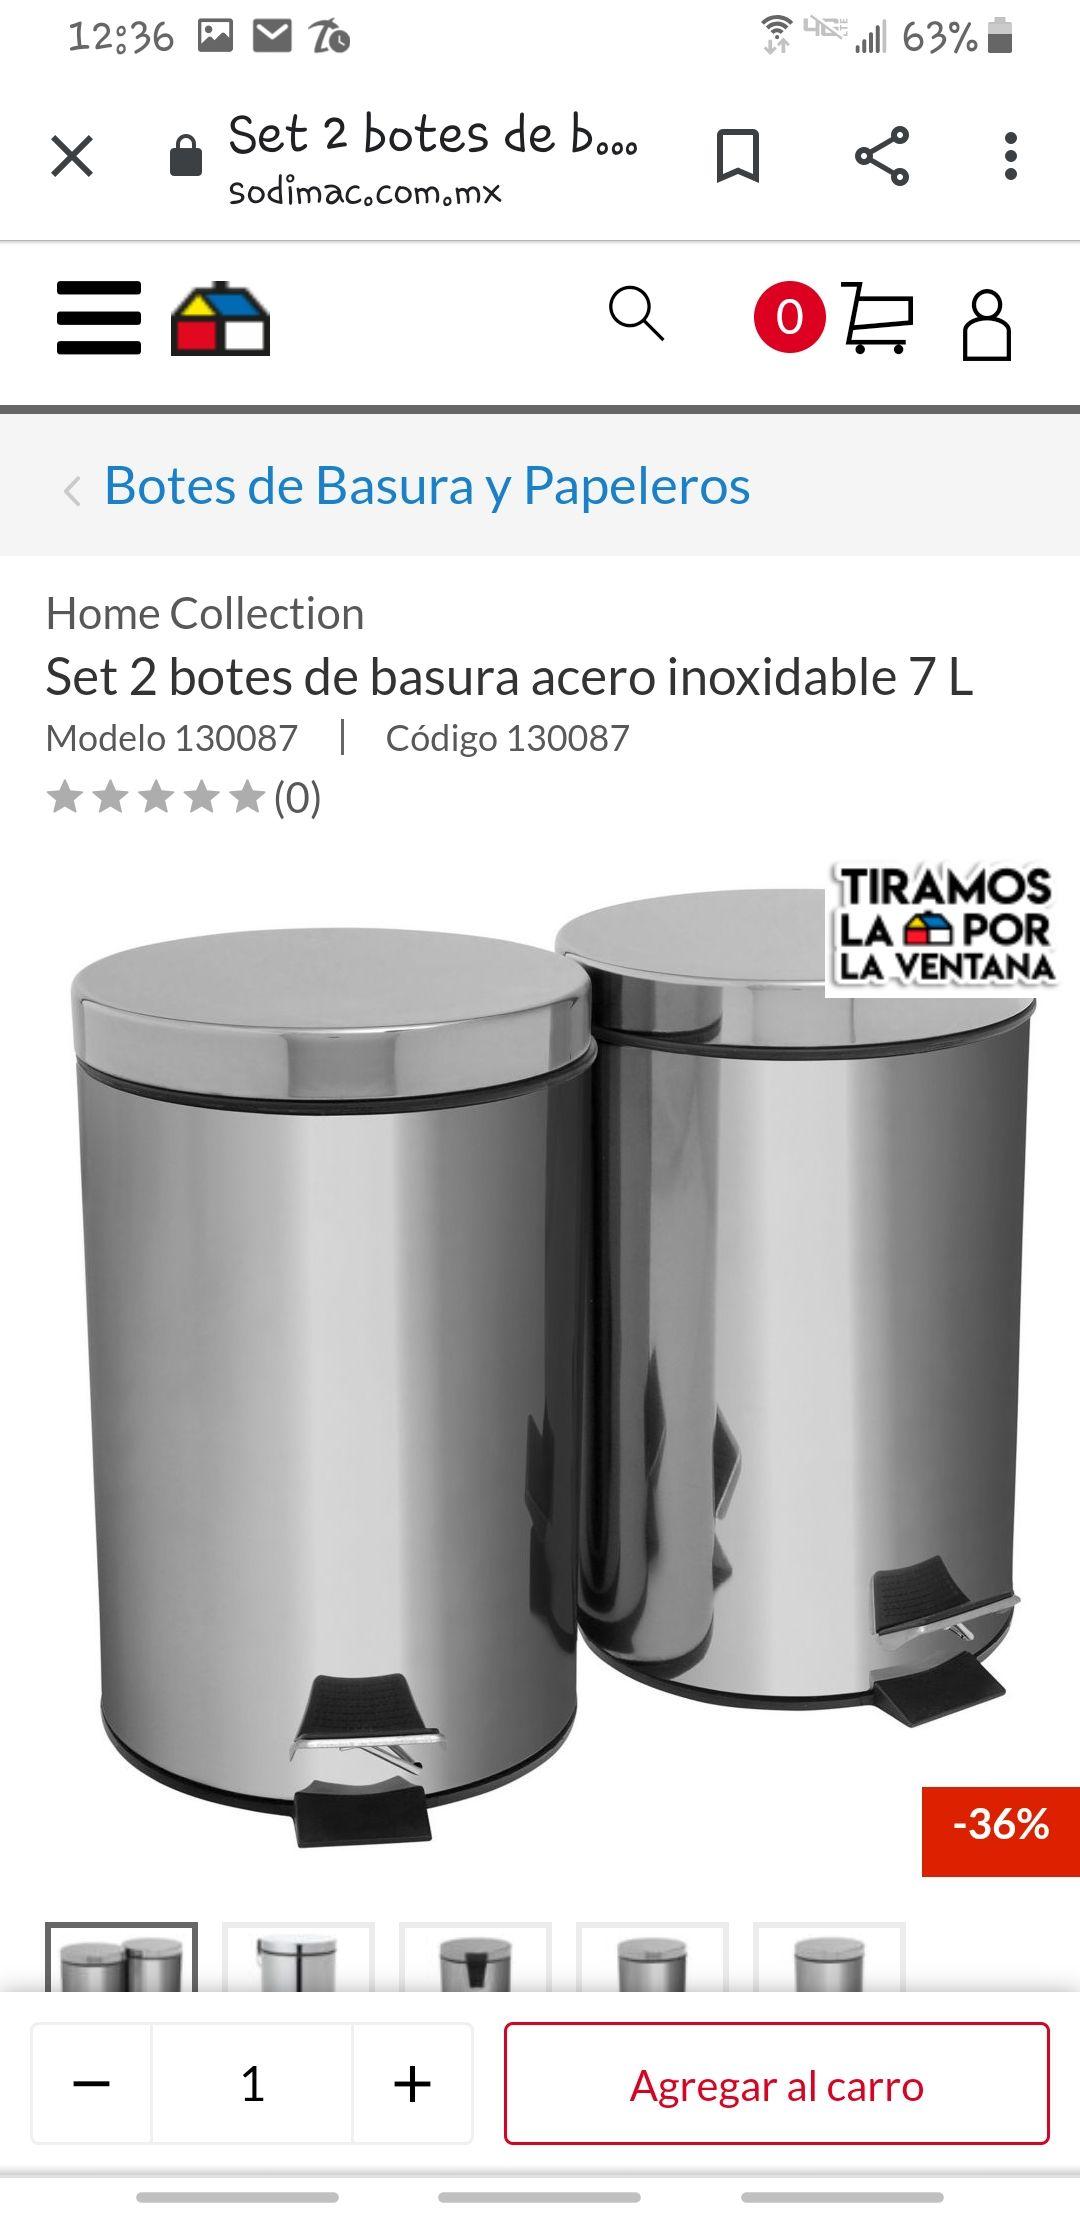 Sodimac: Botes de basura kit 2 botes de 7 litros cada uno